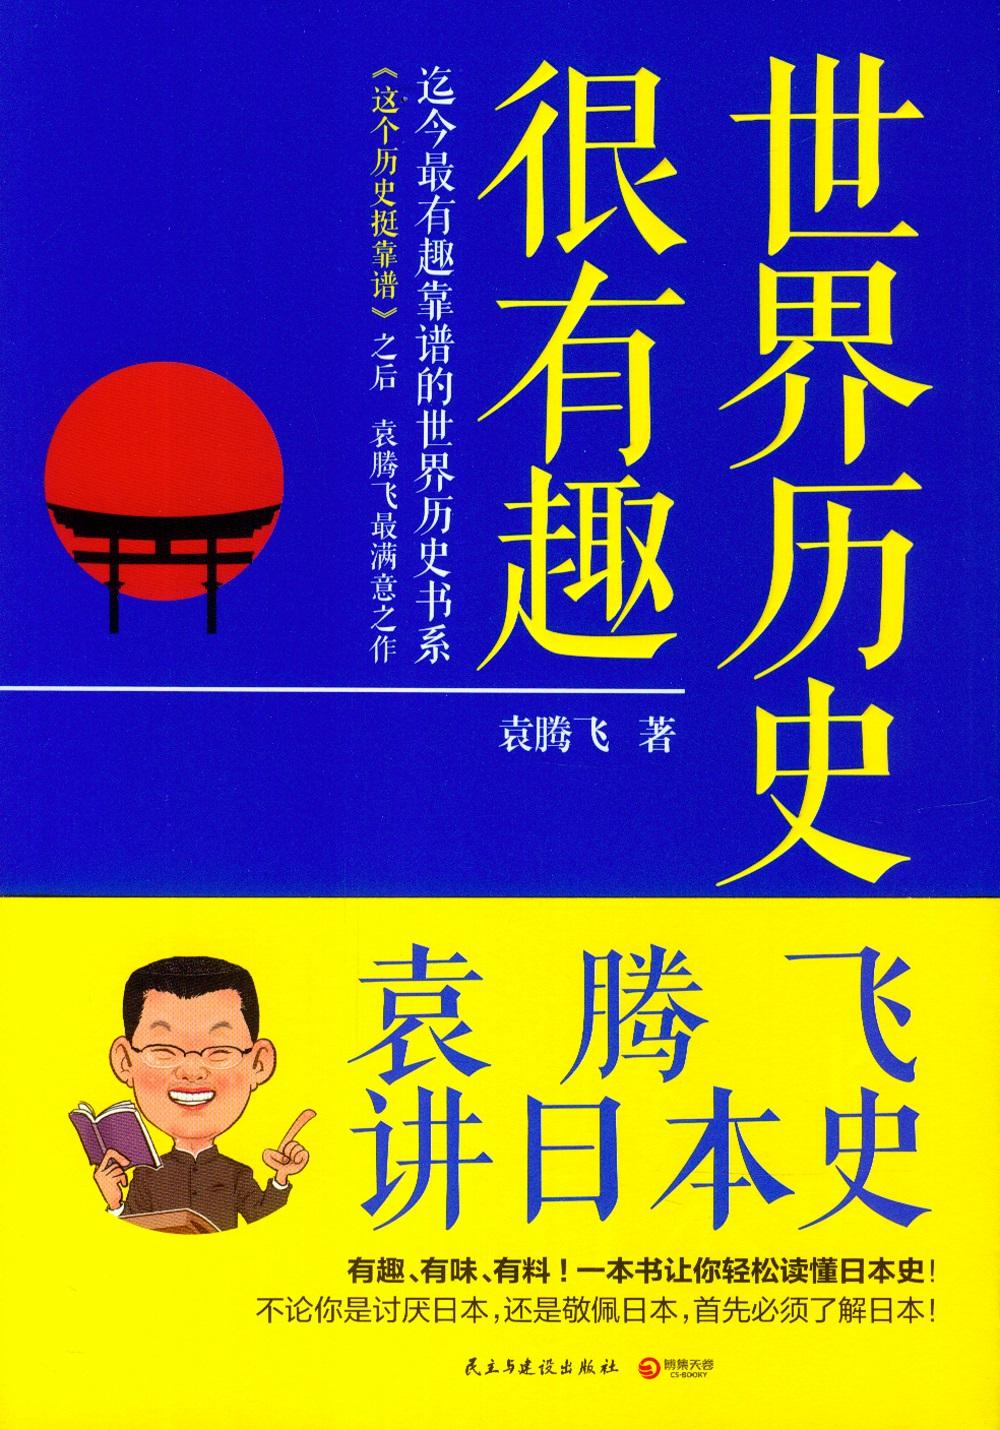 世界歷史很有趣:袁騰飛講日本史